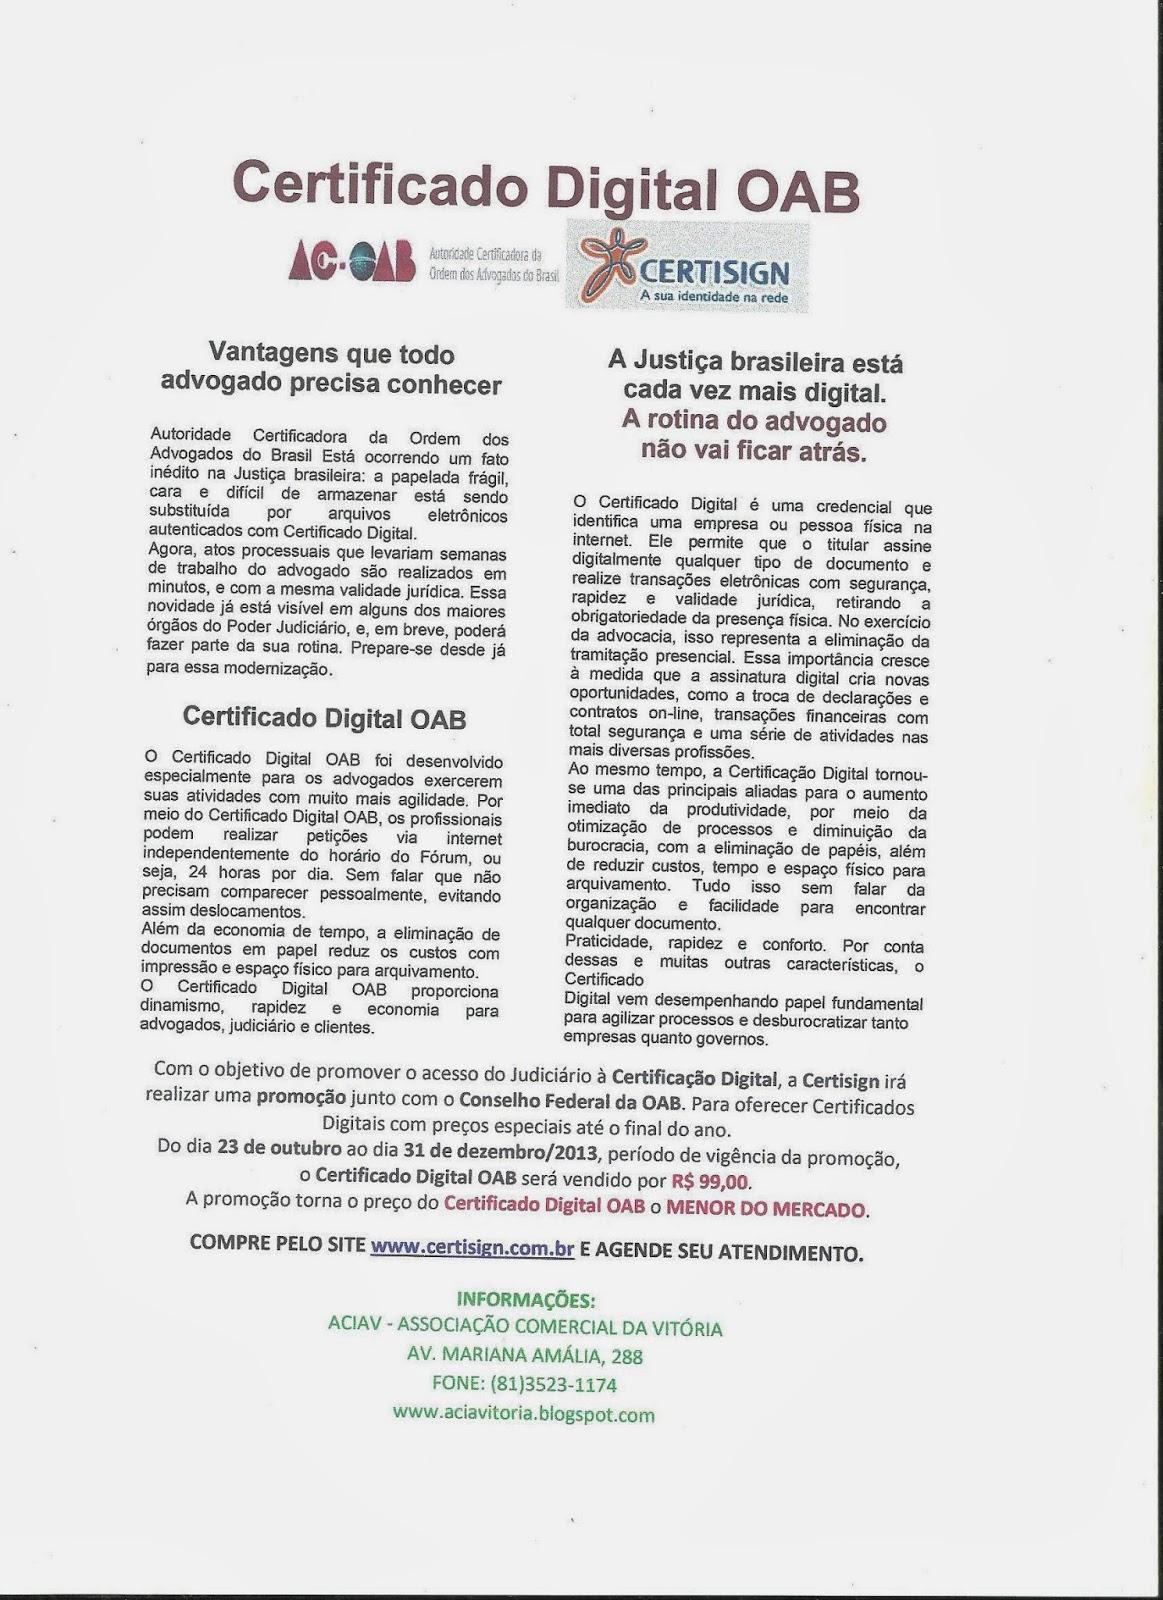 Aciav outubro 2013 - Oficinas certificado digital ...